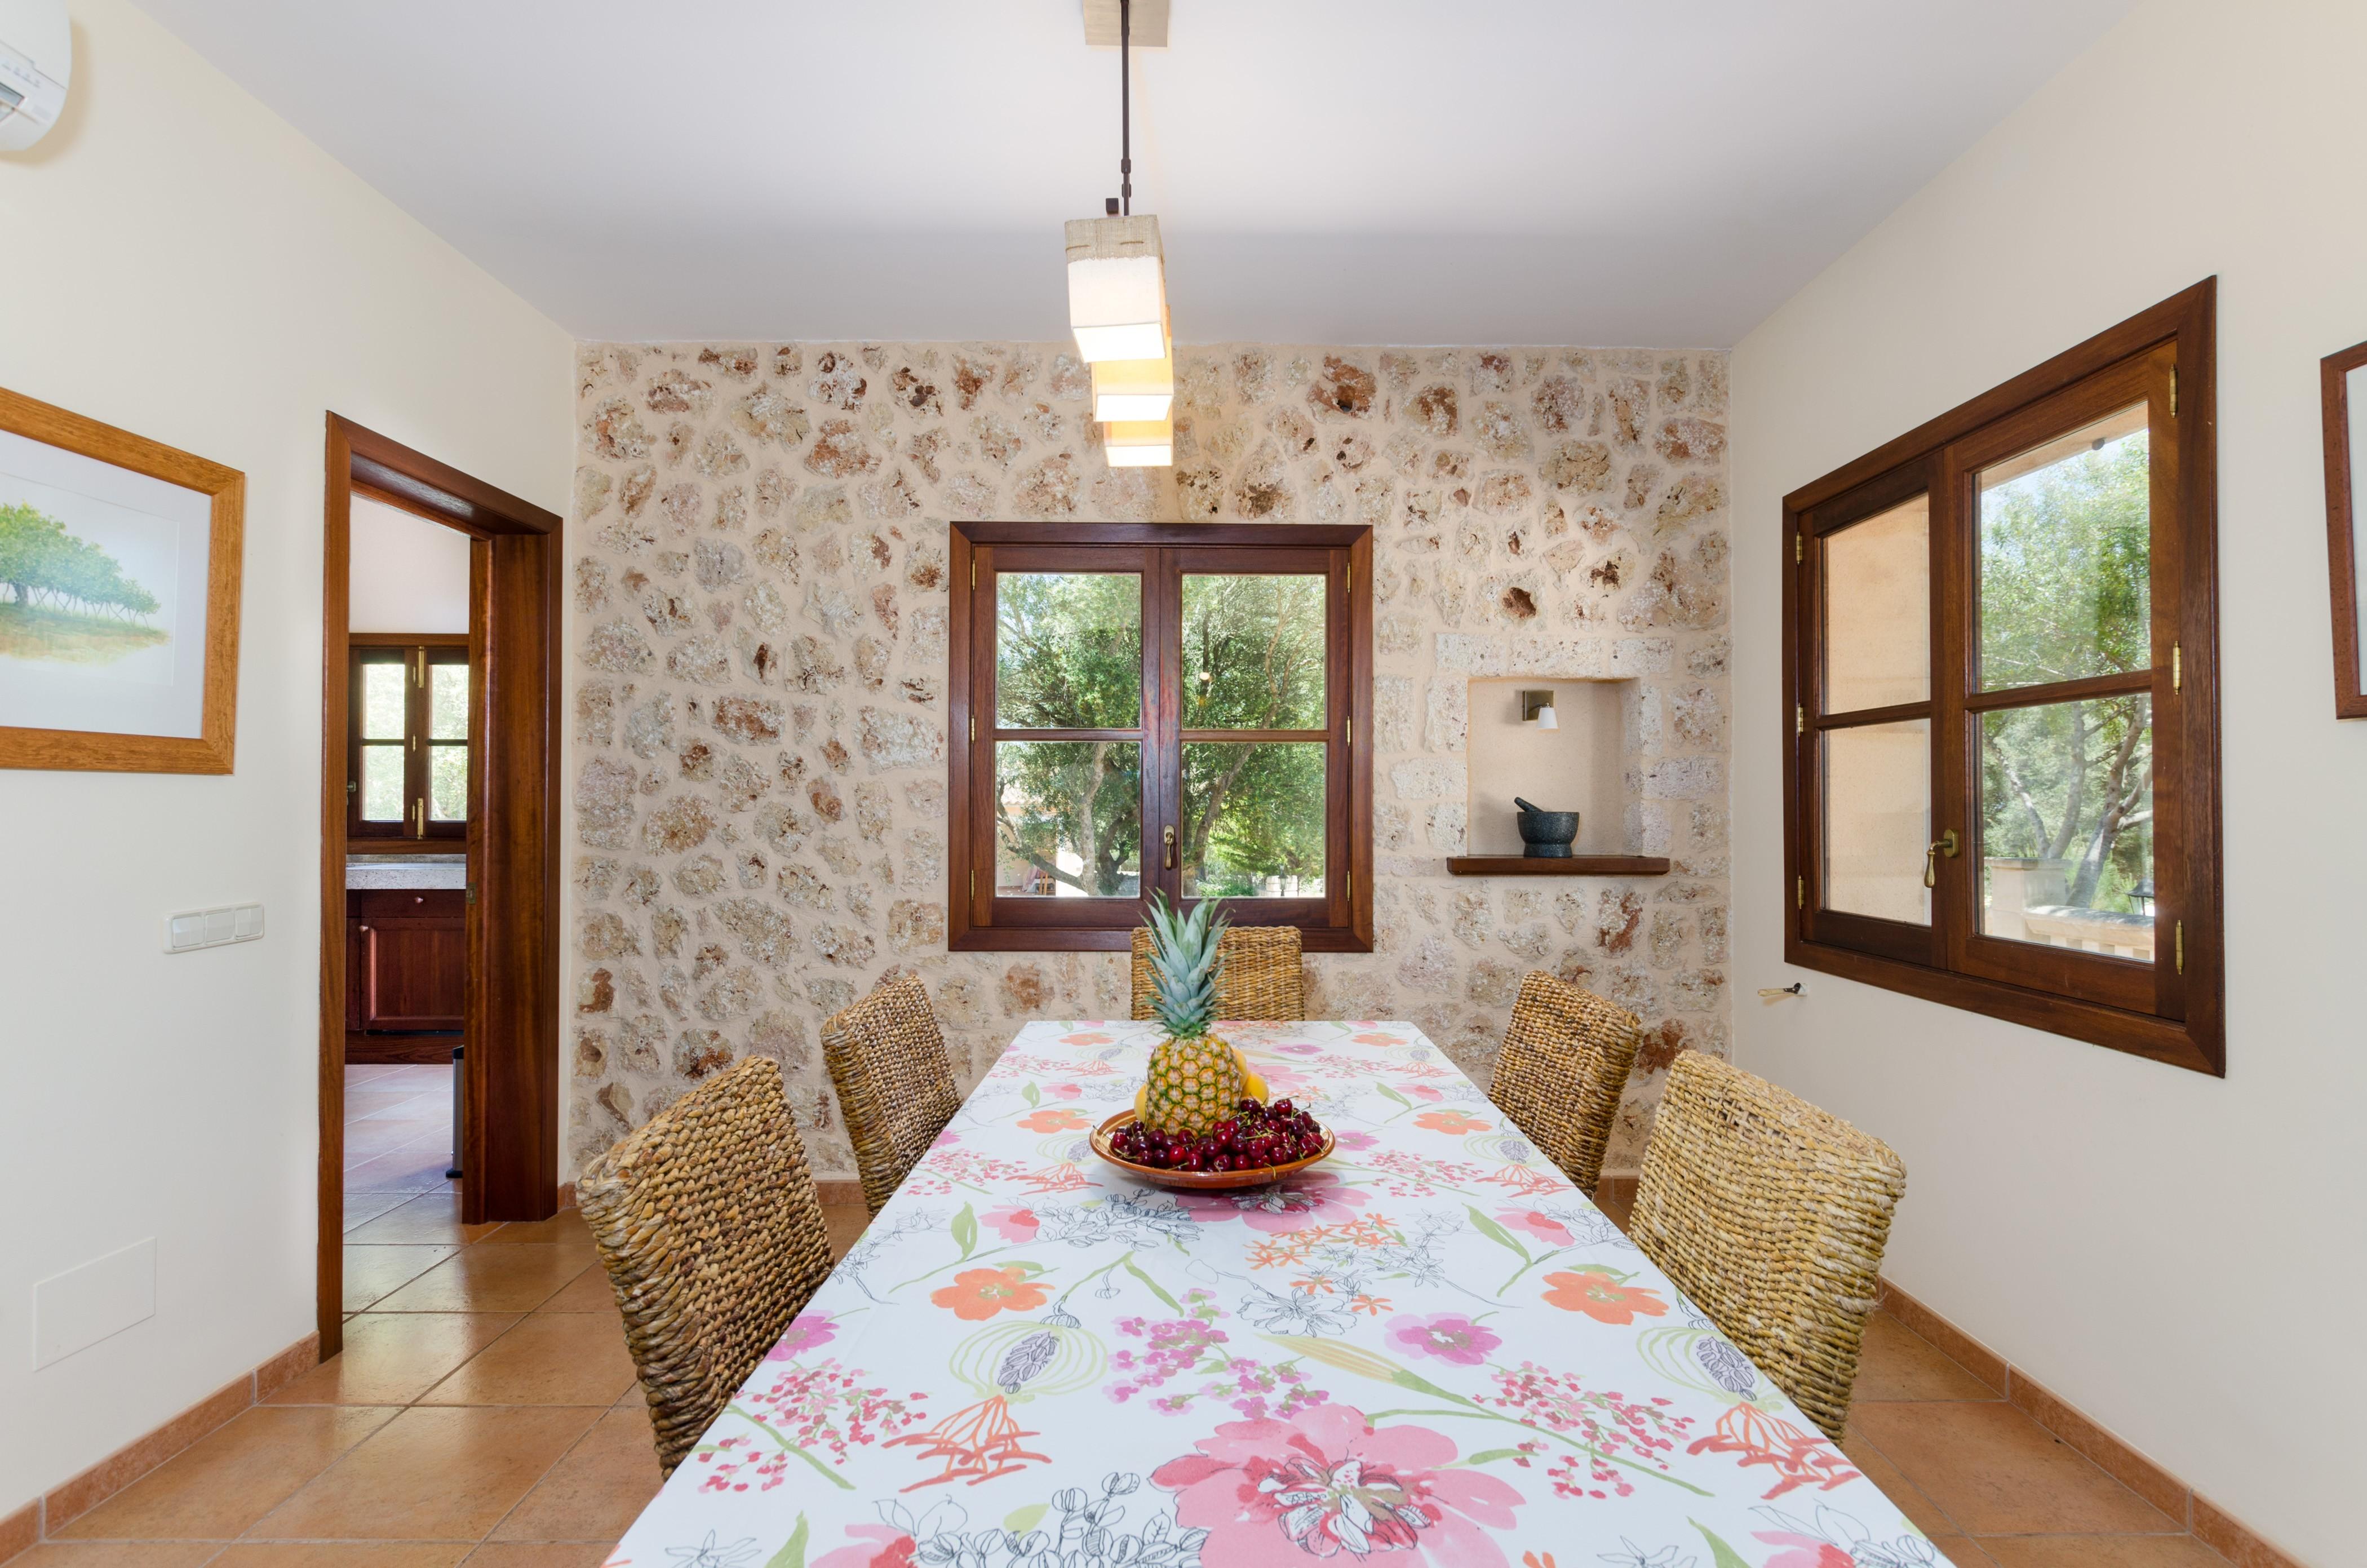 Maison de vacances ES VEDAT (2632993), Lloret de Vistalegre, Majorque, Iles Baléares, Espagne, image 16